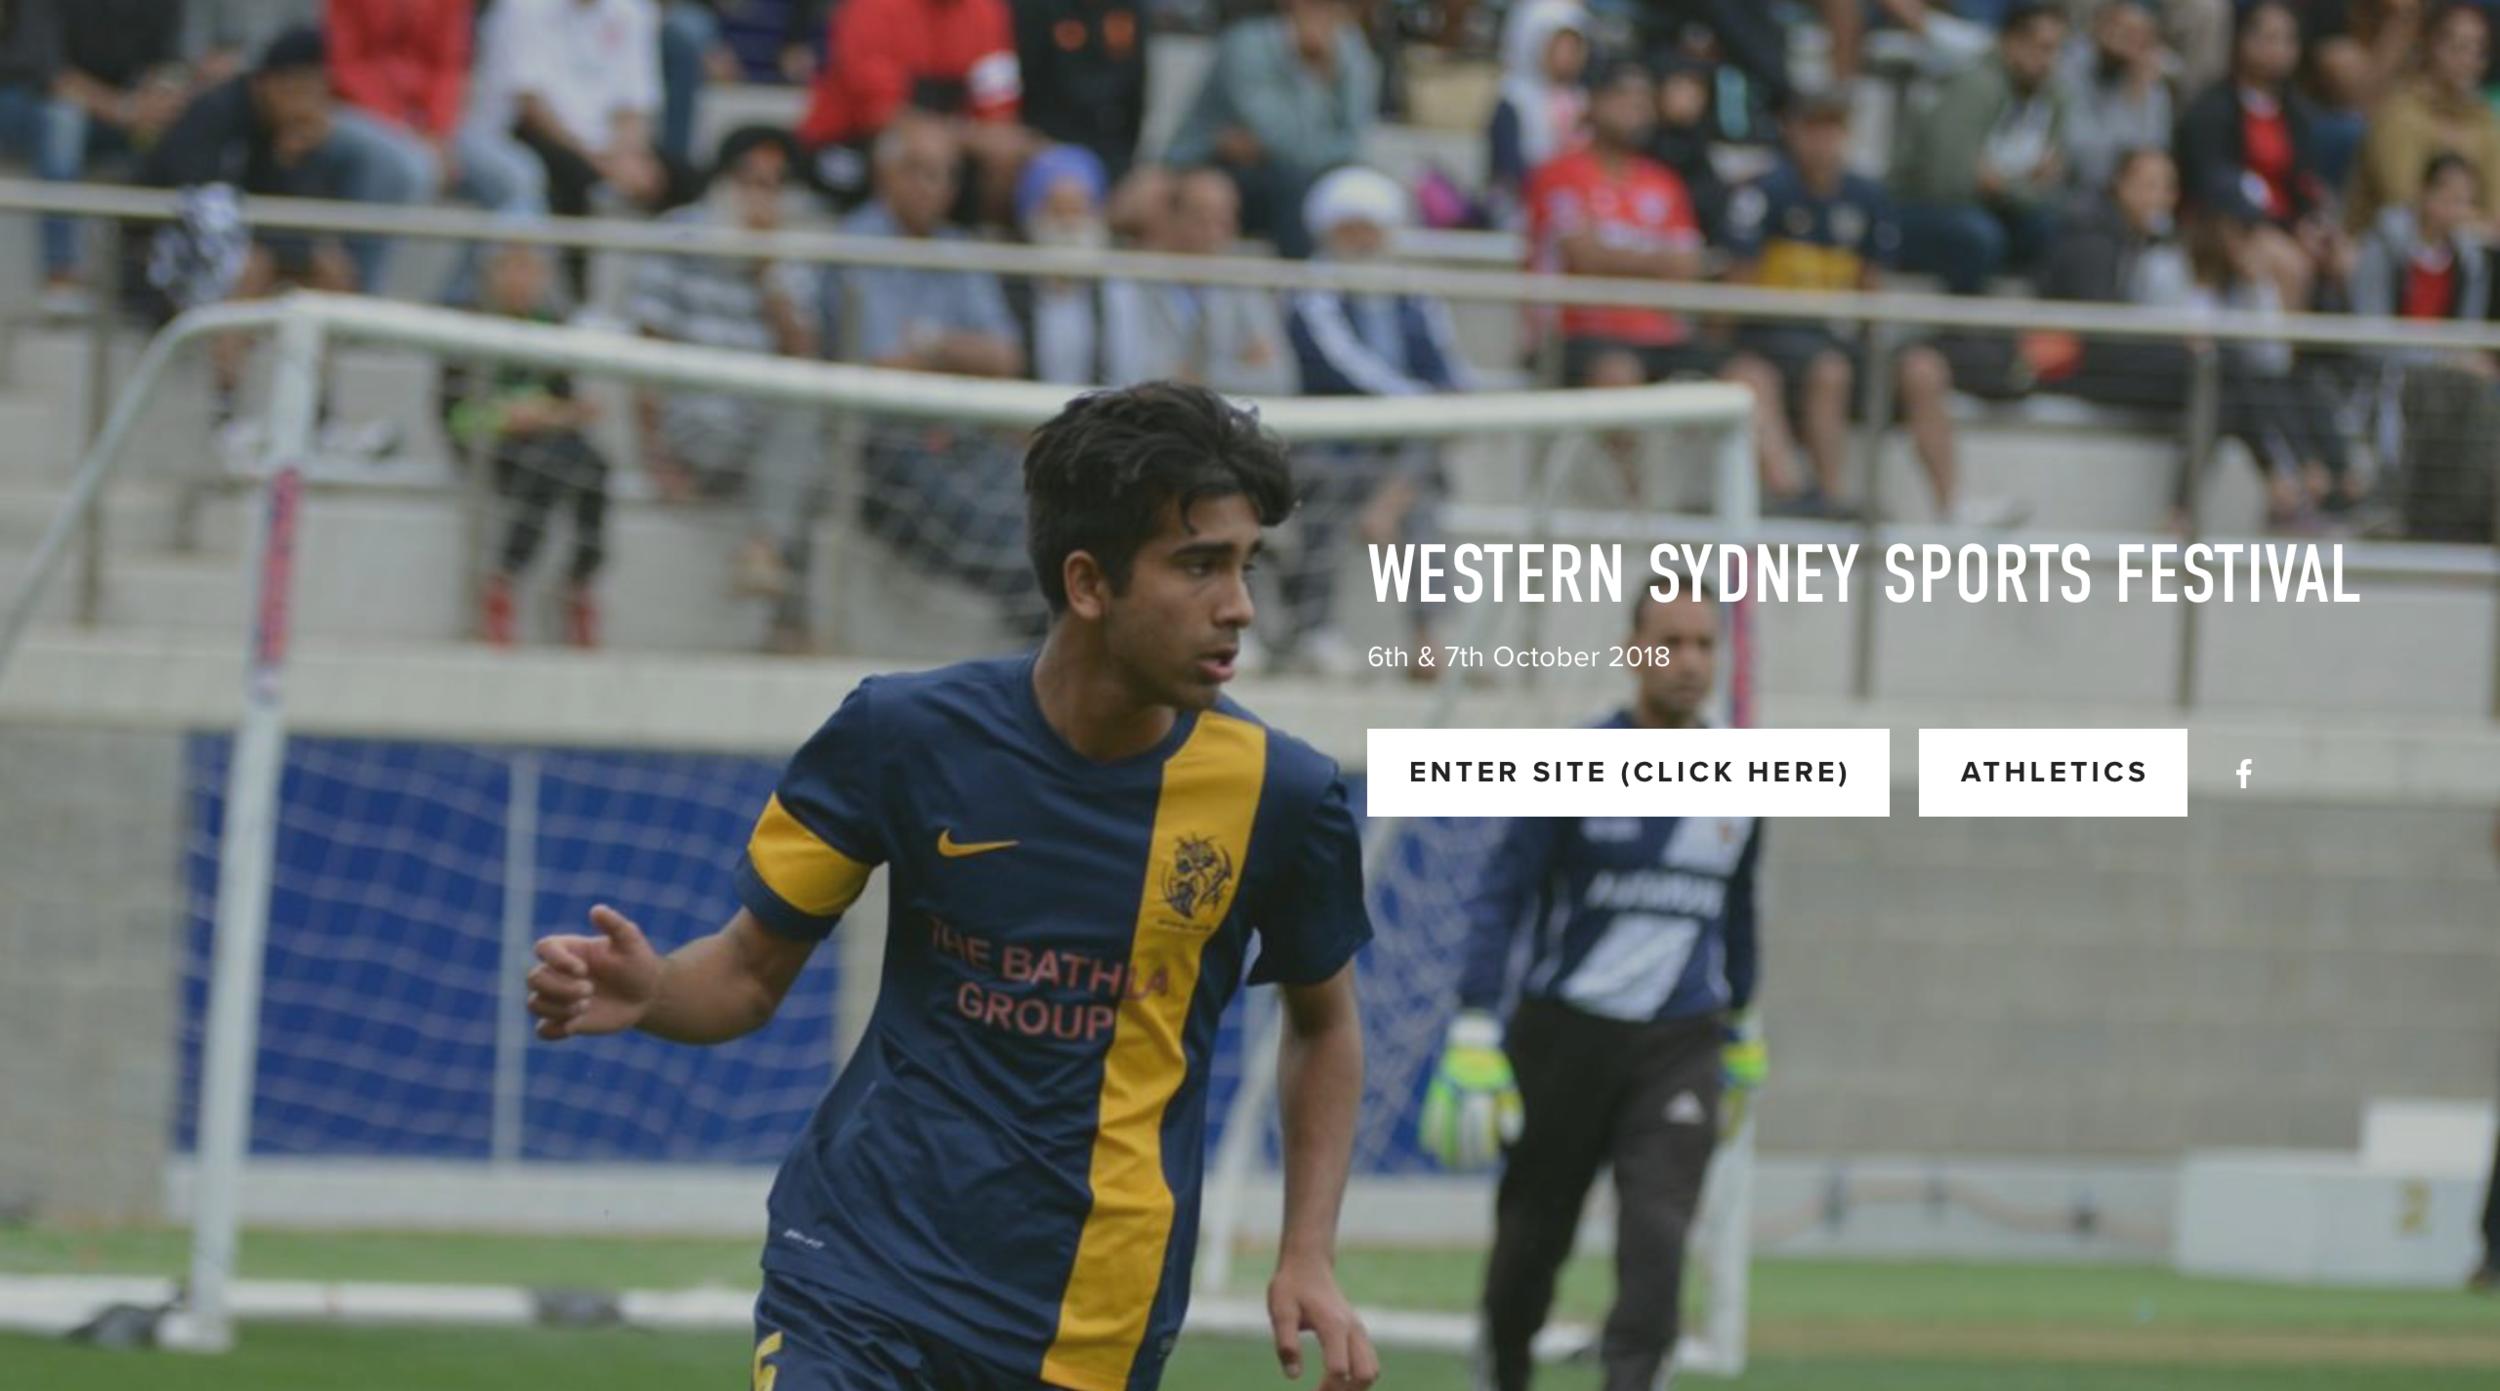 western sydney sports festival -